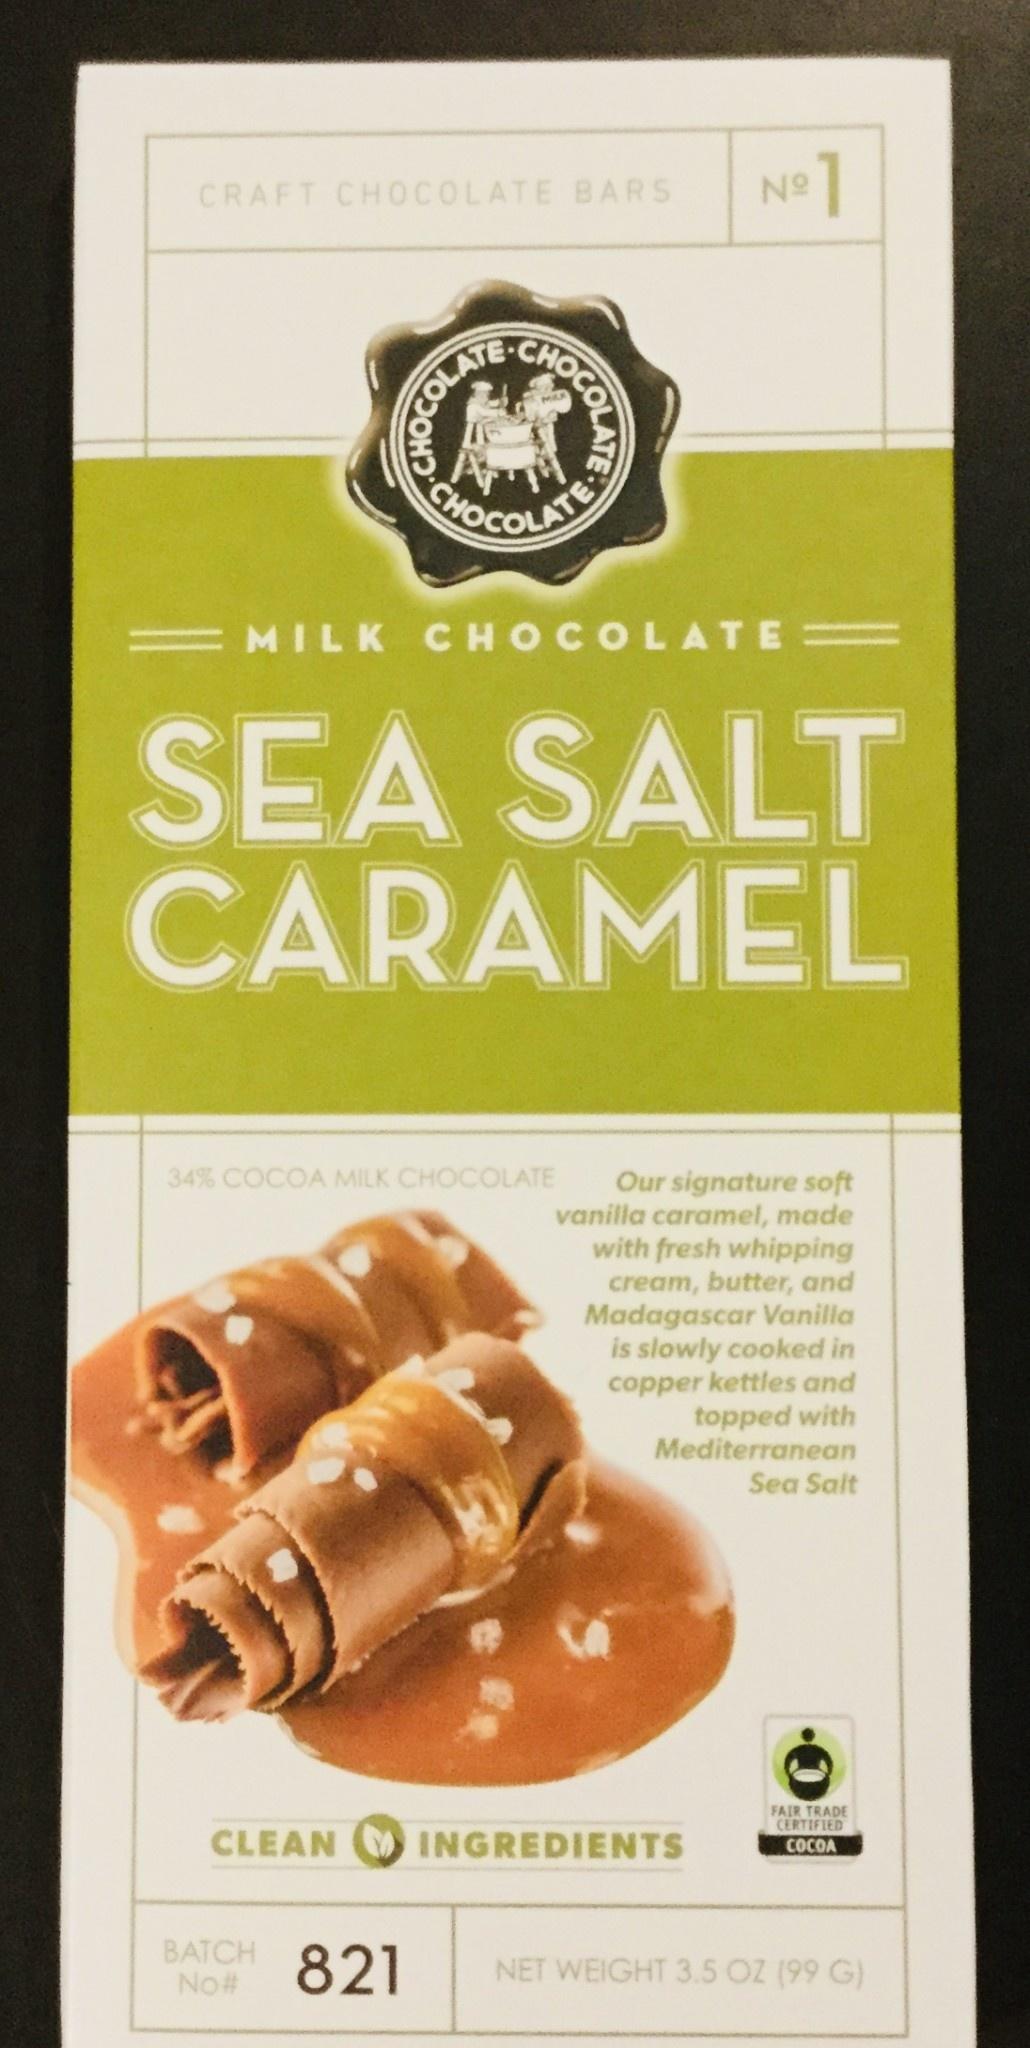 Chocolate Chocolate Chocolate - Milk Chocolate SEA SALT & CARAMEL BAR 3.5 oz